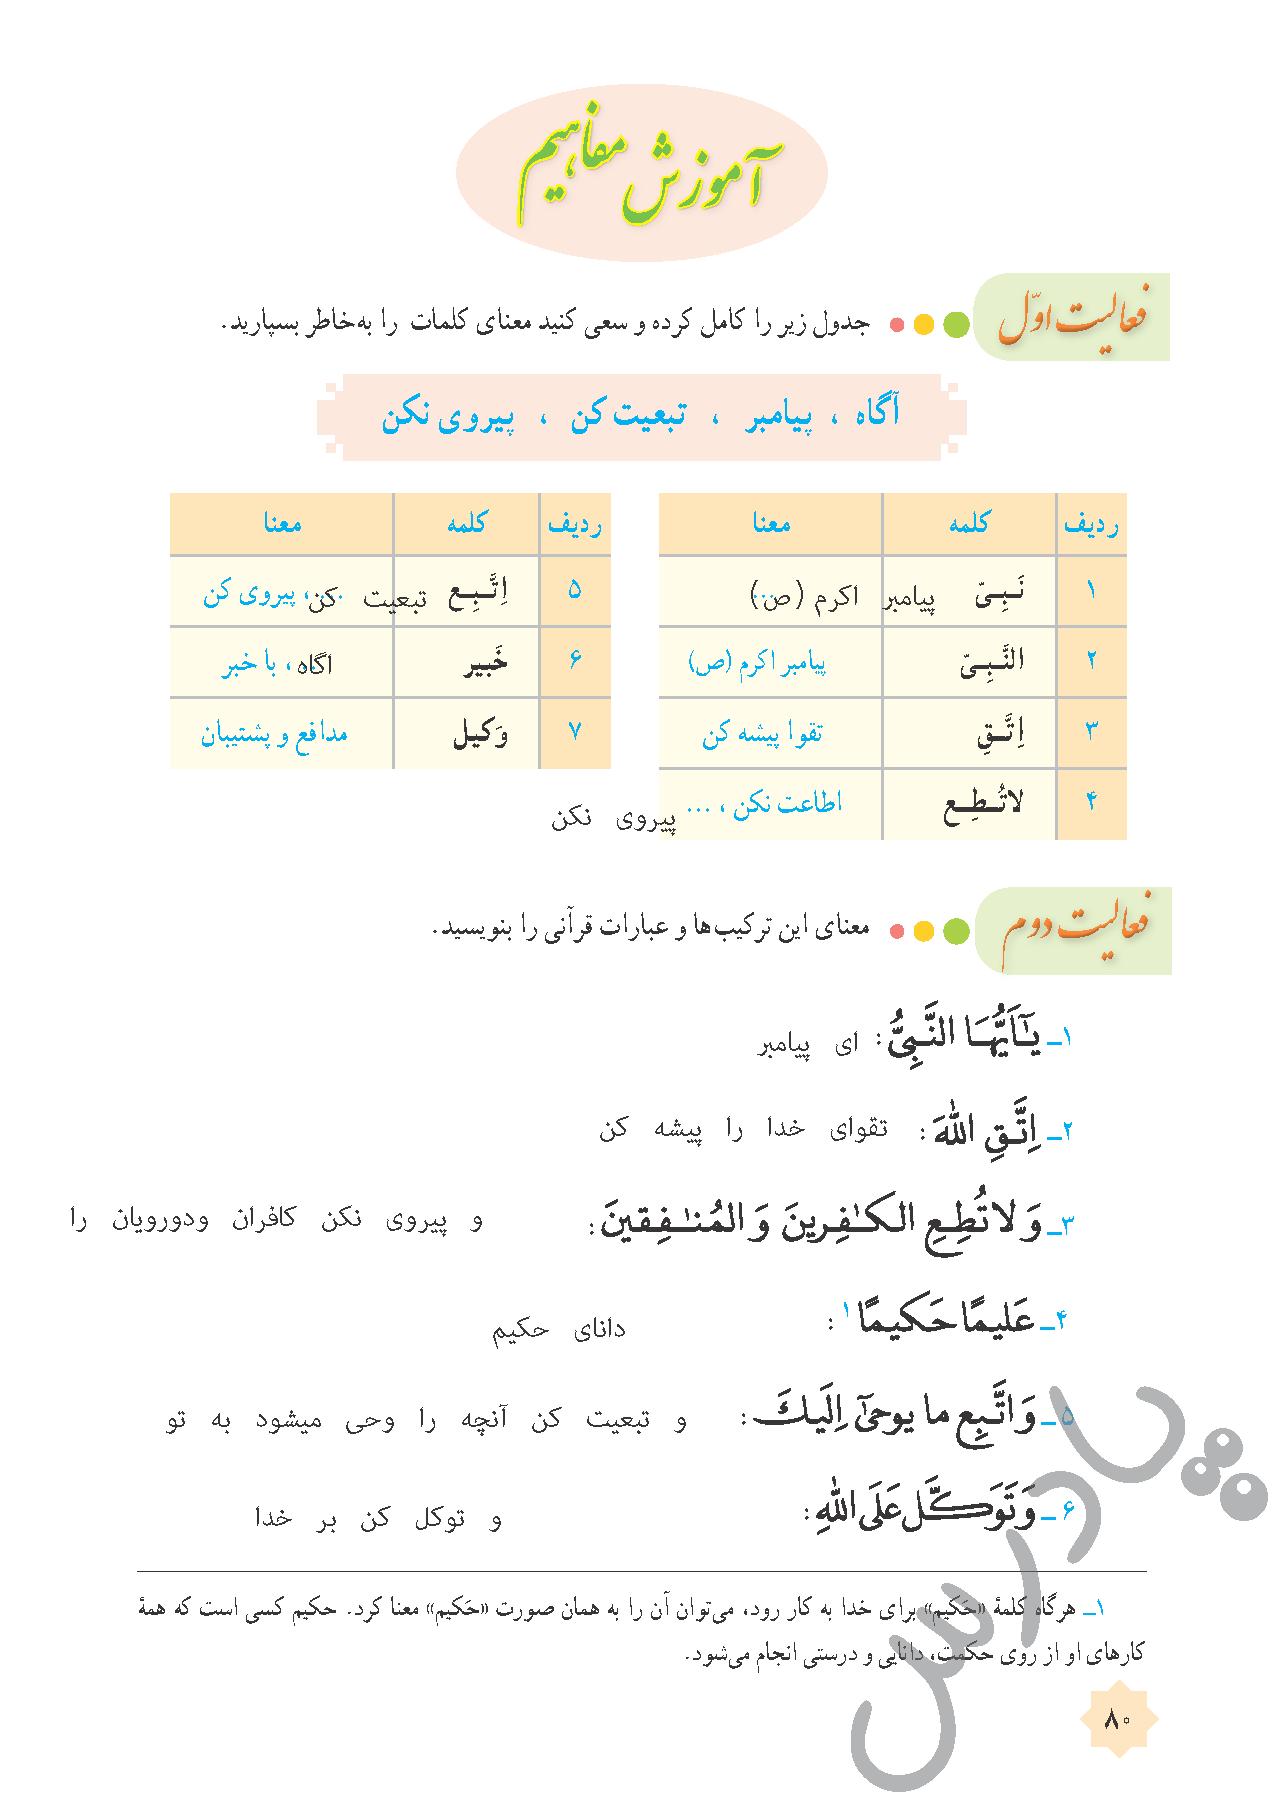 پاسخ فعالیت های درس 8 قرآن هشتم - جلسه اول